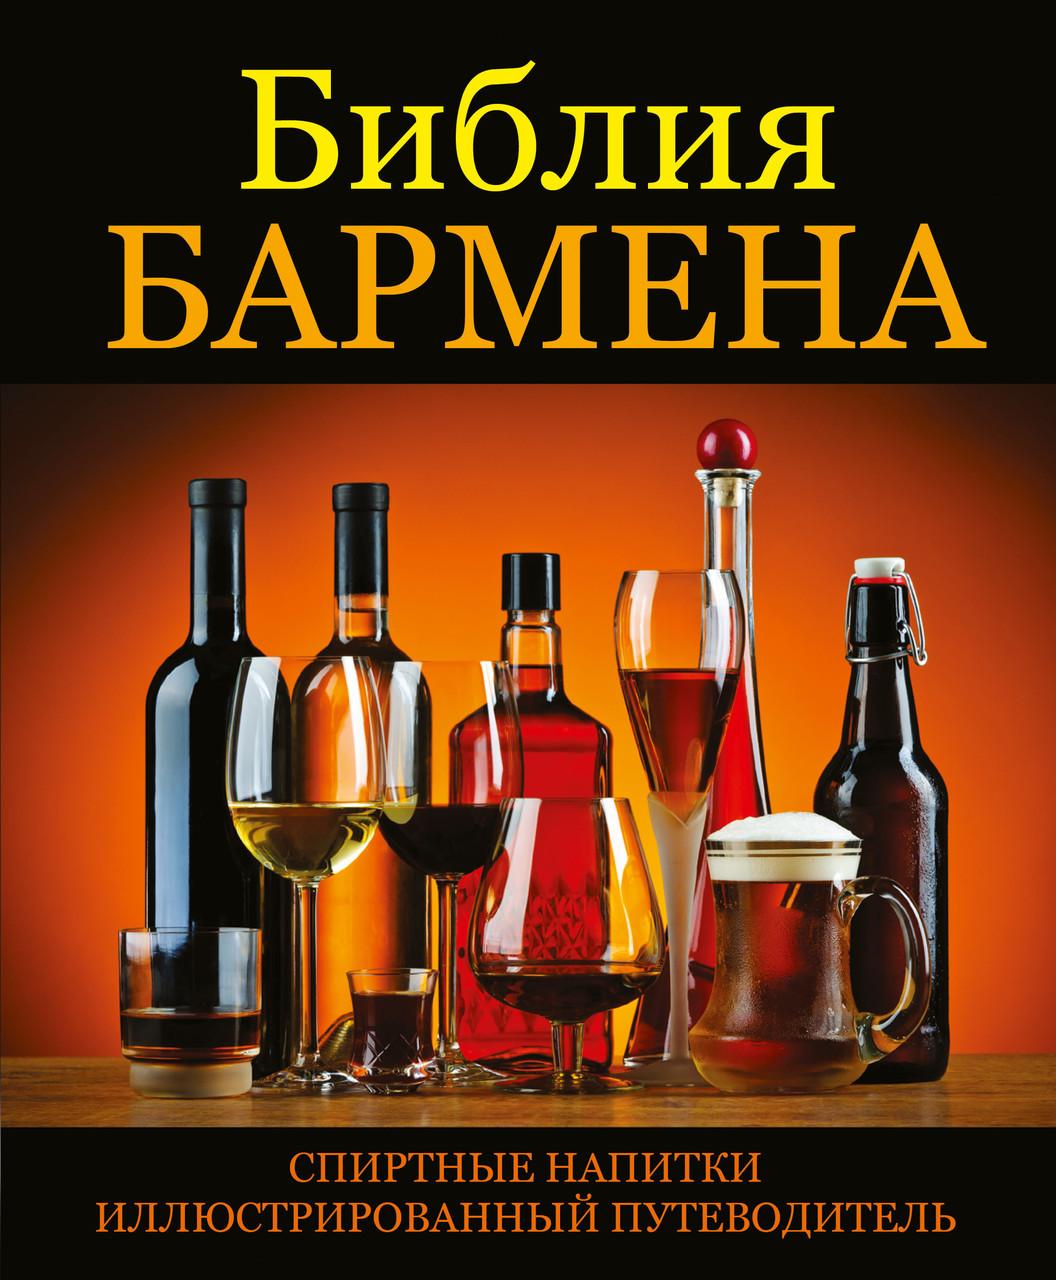 Библия бармена. Гаснье В.